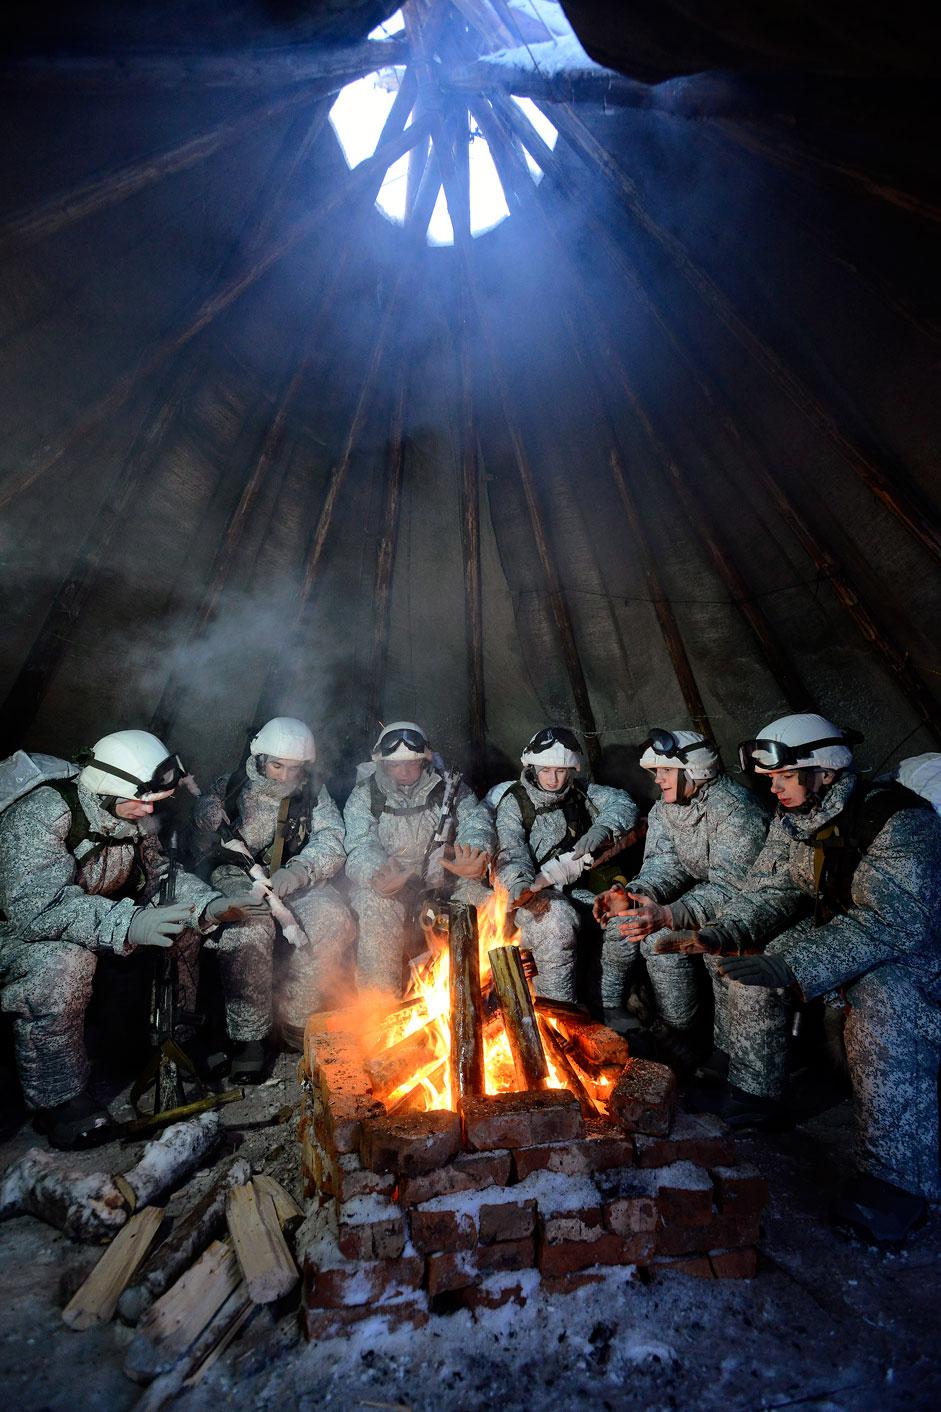 """Мурманска област. Војници 80. моторизоване бригаде, у склопу Уједињене стратешке команде Северне флот, греју се у """"чуму"""", шатору староседелаца руског севера."""